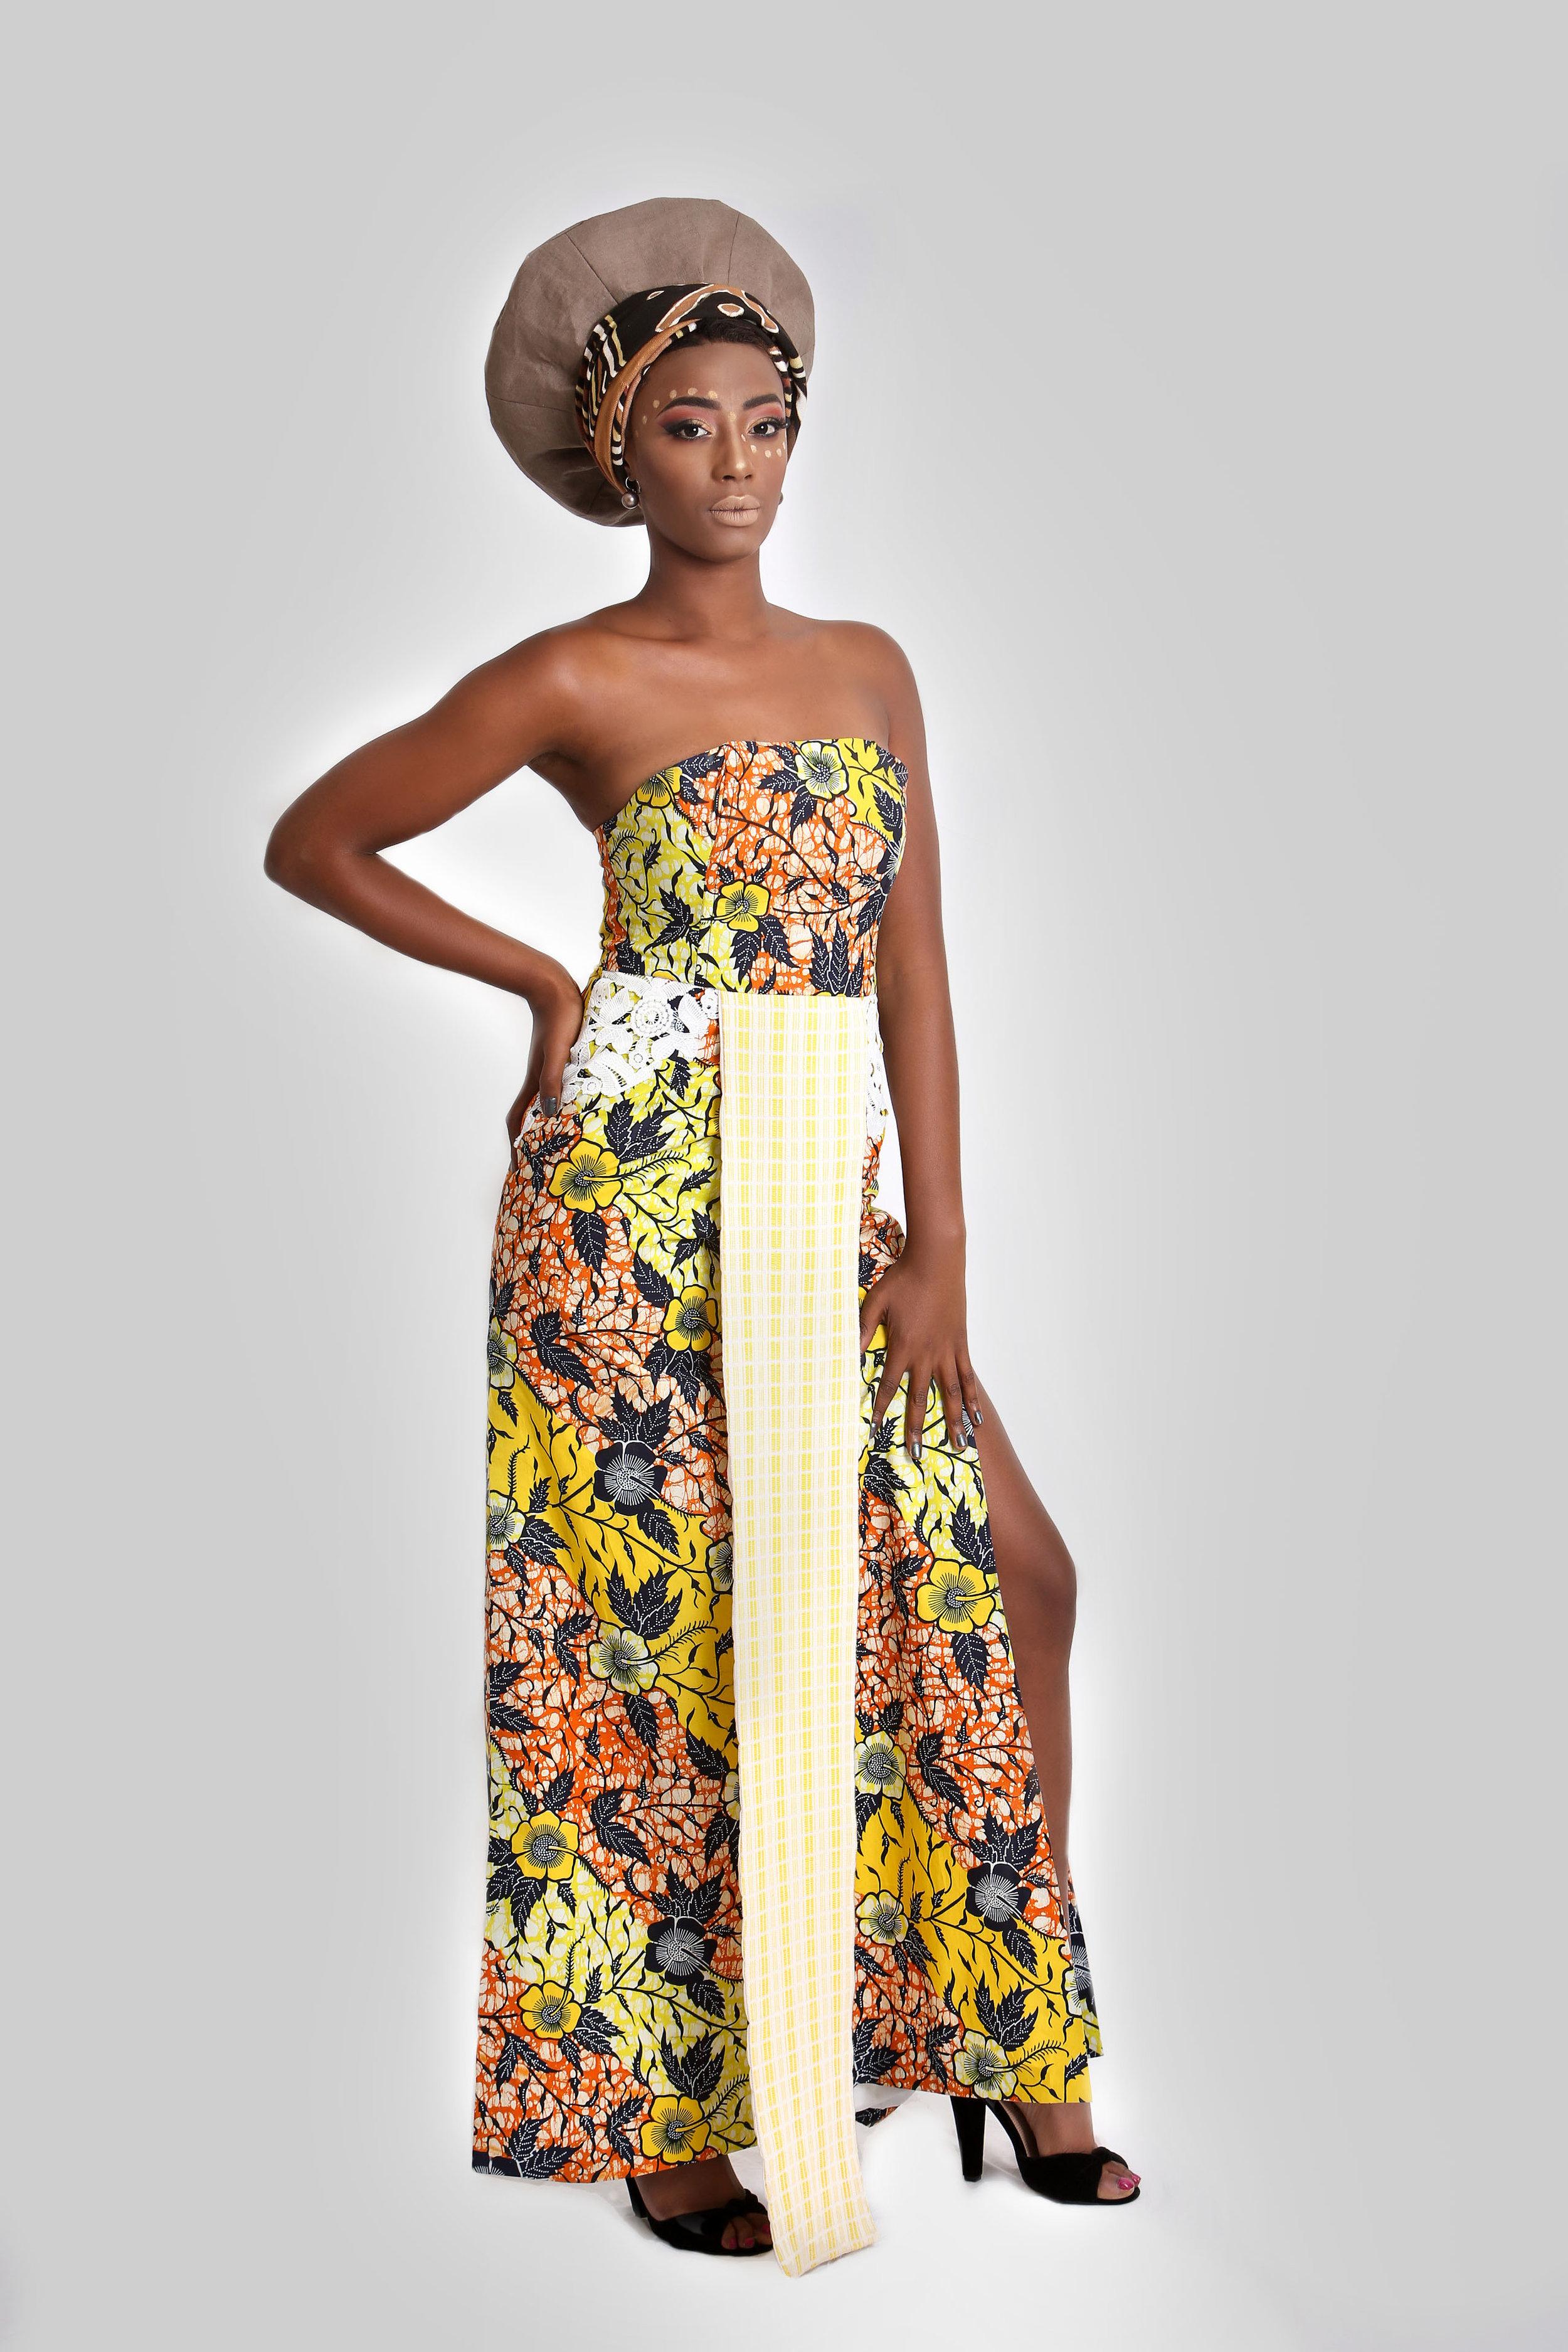 """La robe  Nandi  de la collection  """"African Queens"""" , créée par Rachel-Diane pour Niango. Elle lui a été inspirée par la reine Nandi de Zululand. Crédit photo: Genevieve Sauvalle"""